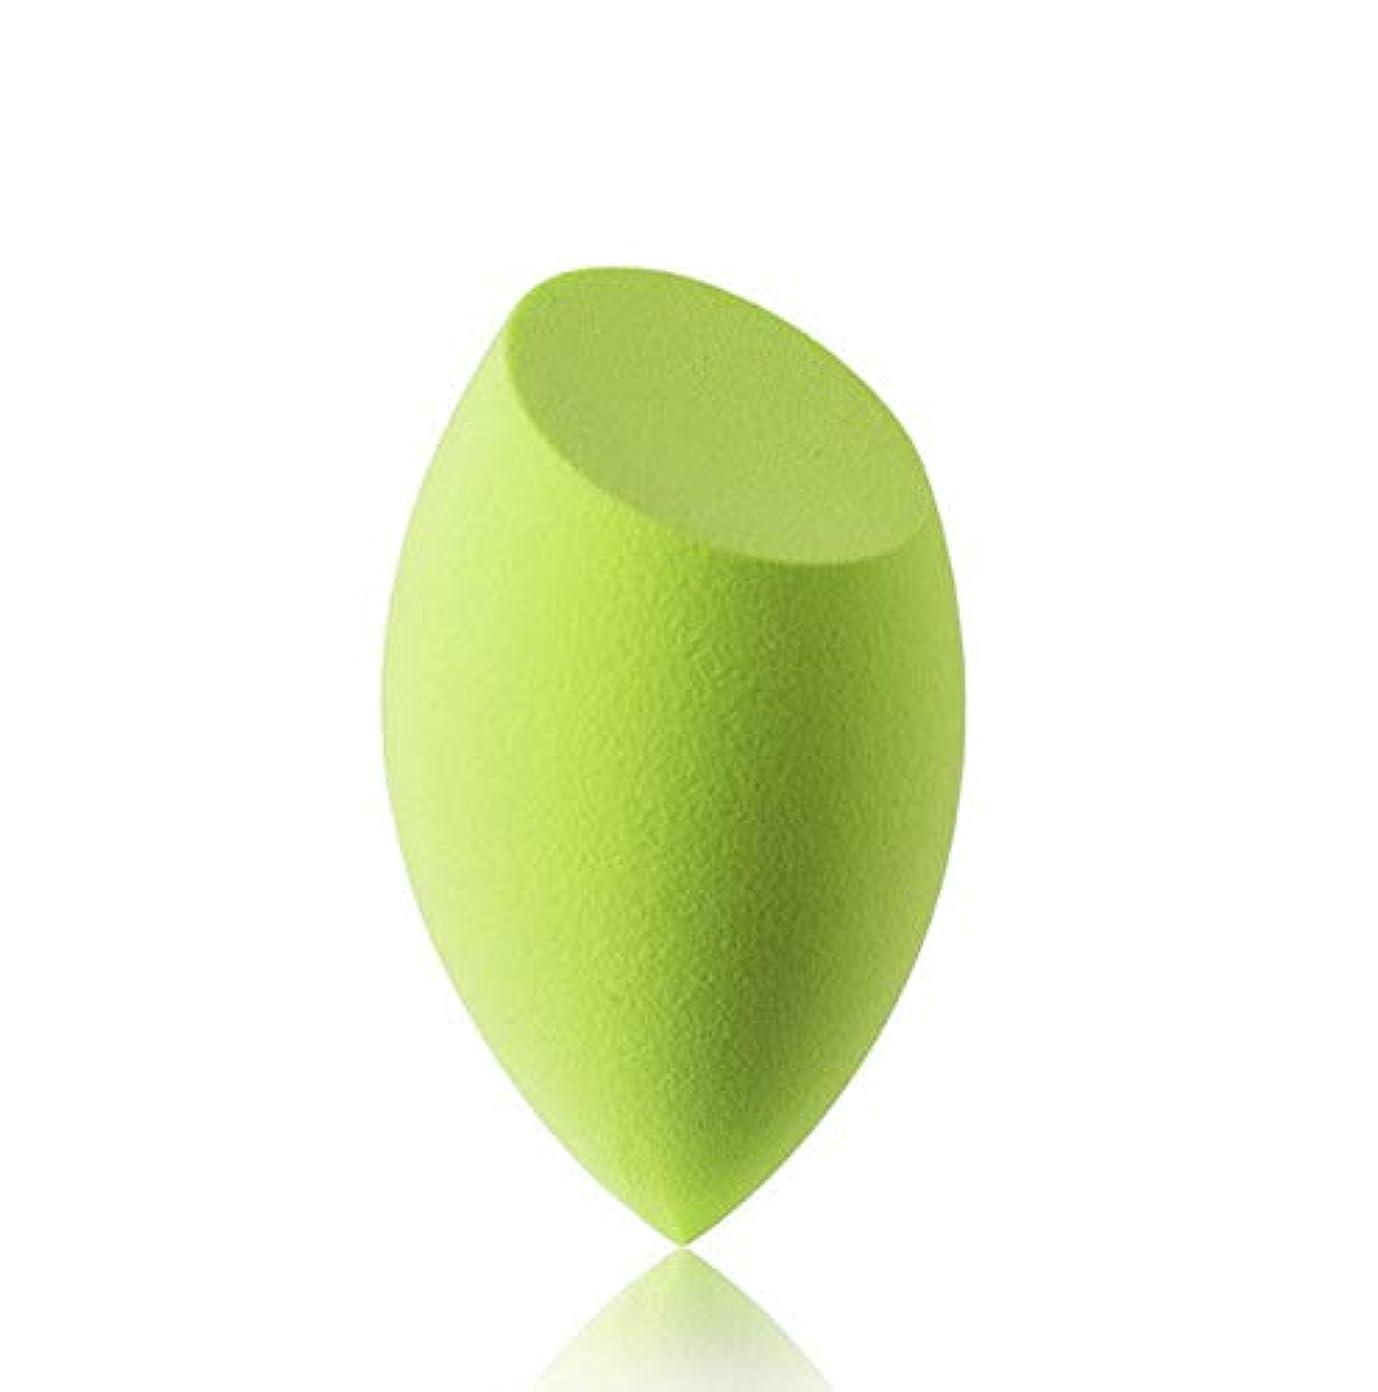 祭りうれしい理容師美容スポンジ、ソフトブルー、グリーン美容エッグメイクブレンダーファンデーションスポンジ (Color : グリンー)